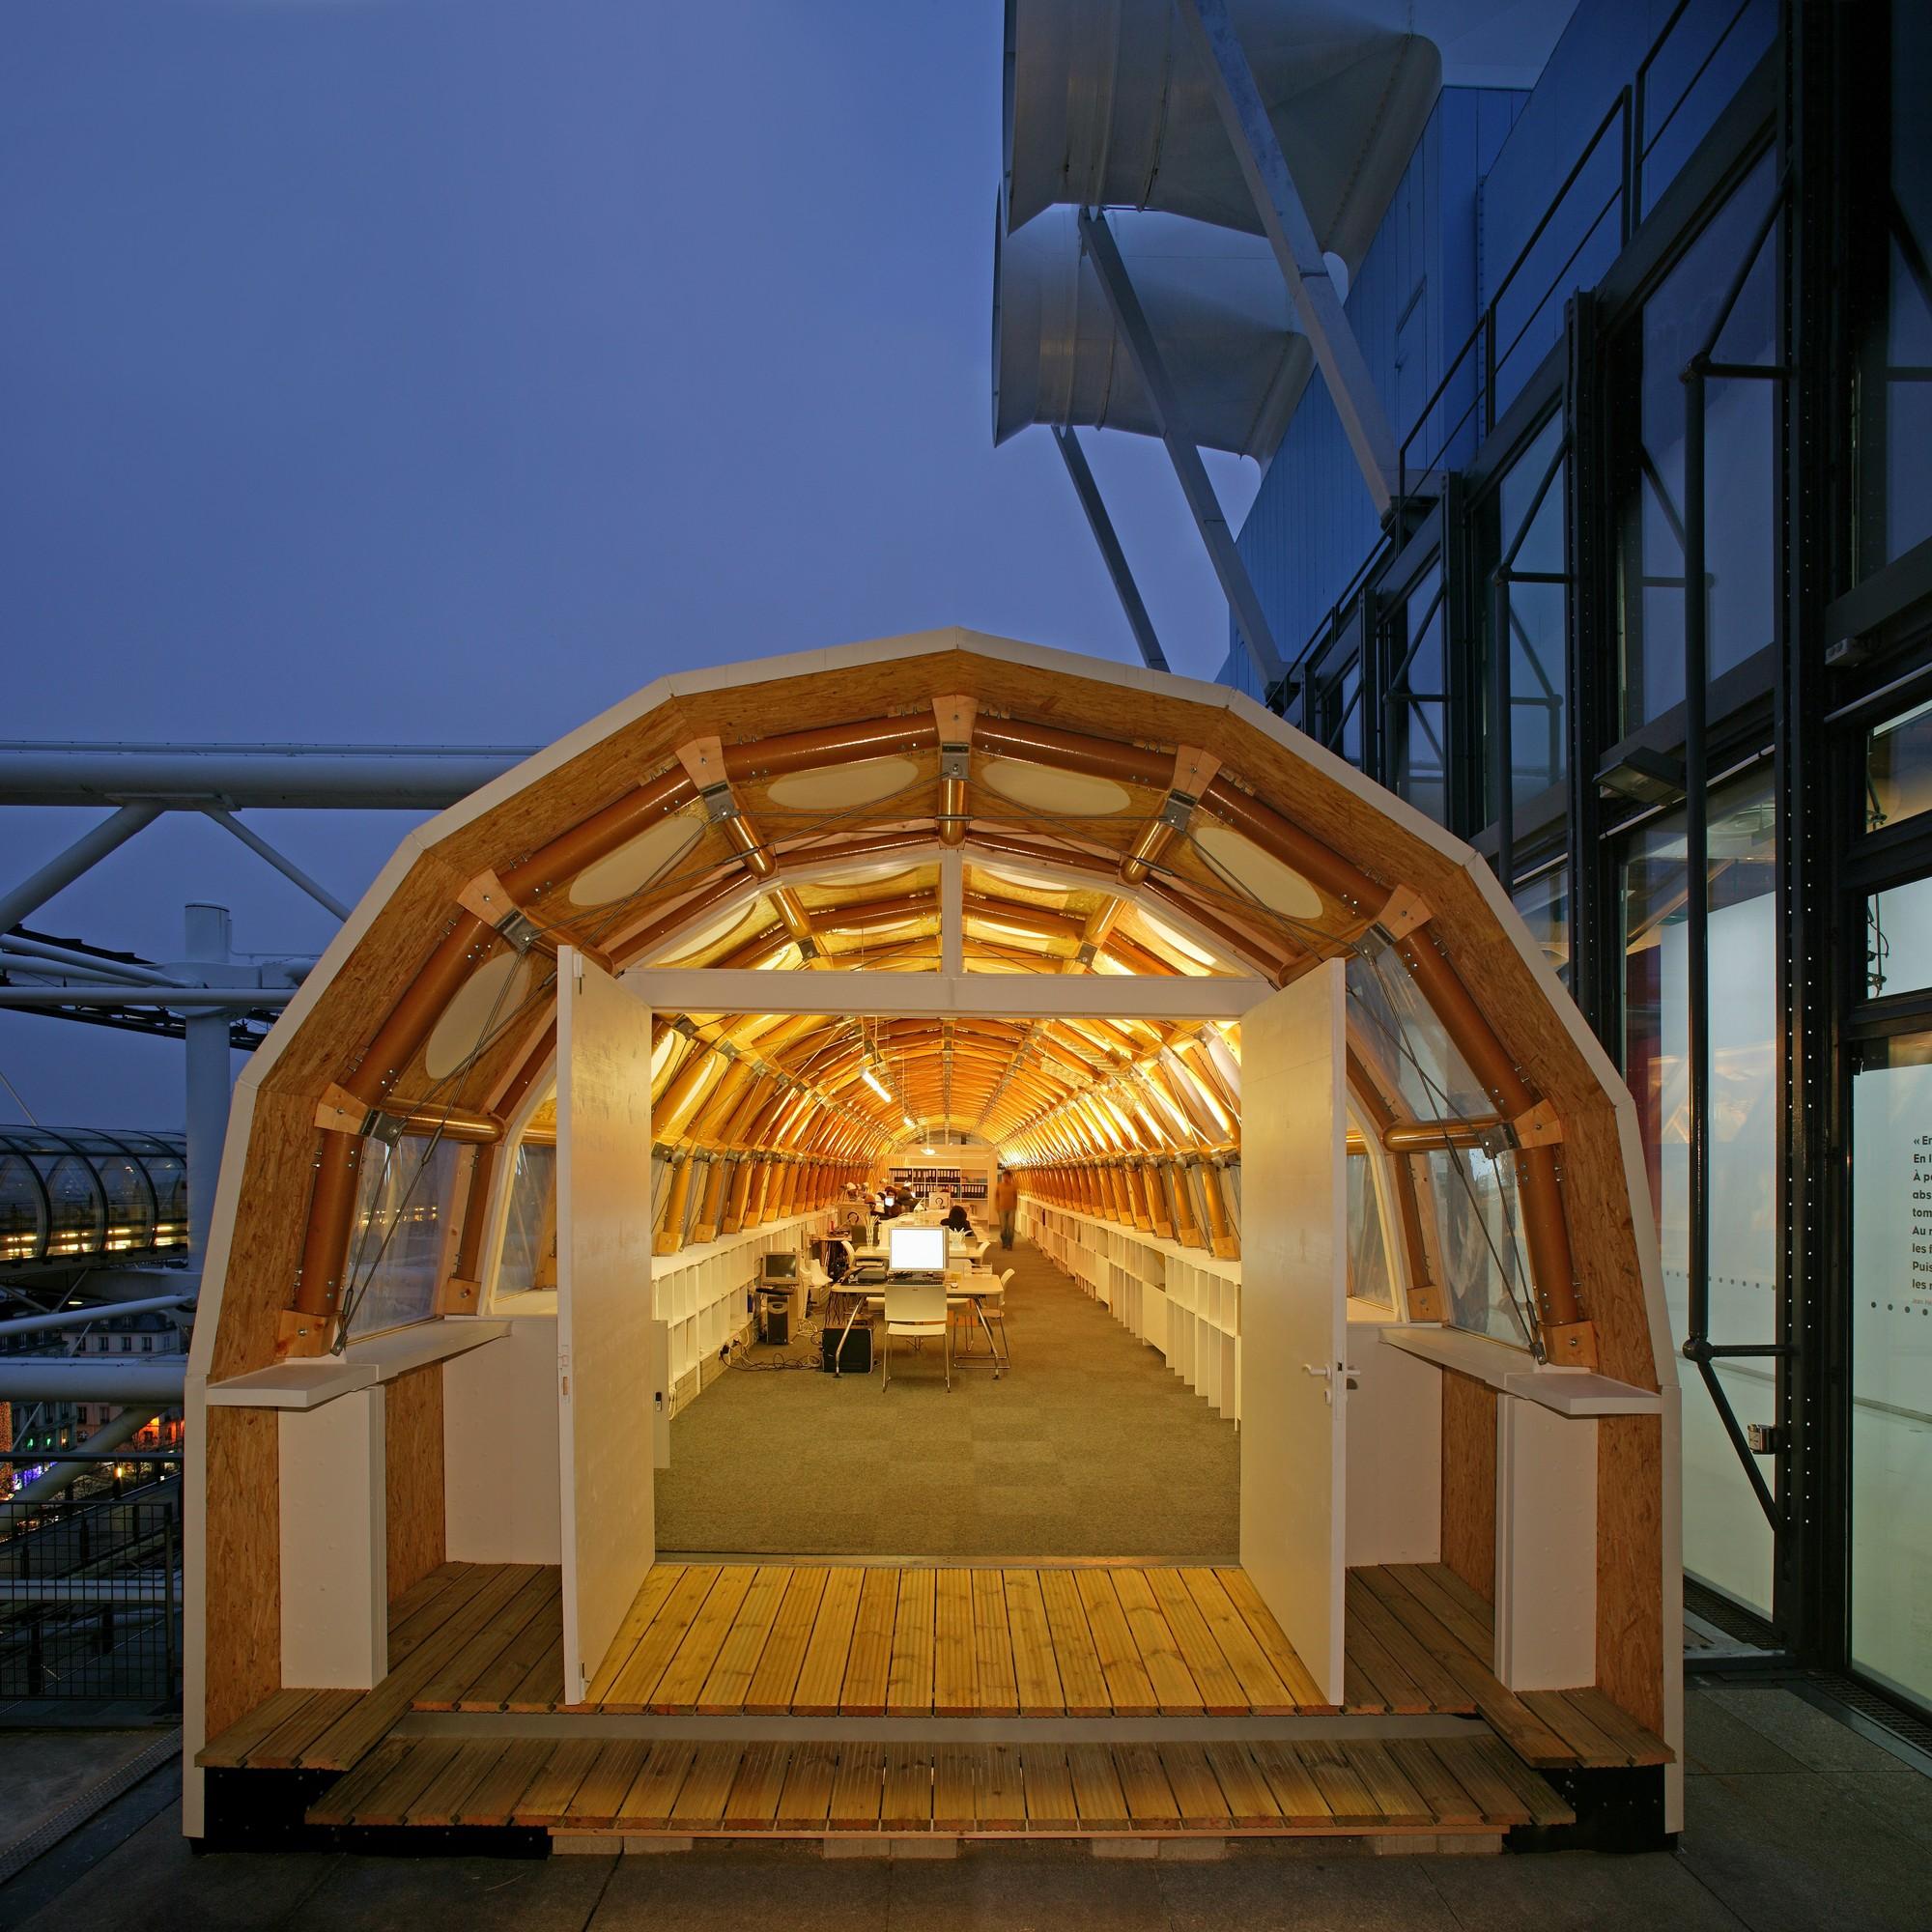 Estudio Temporario de Papel, ubicado en el techo del Centro Pompidou en Paris. Imagen ©Didier Boy de La Tour